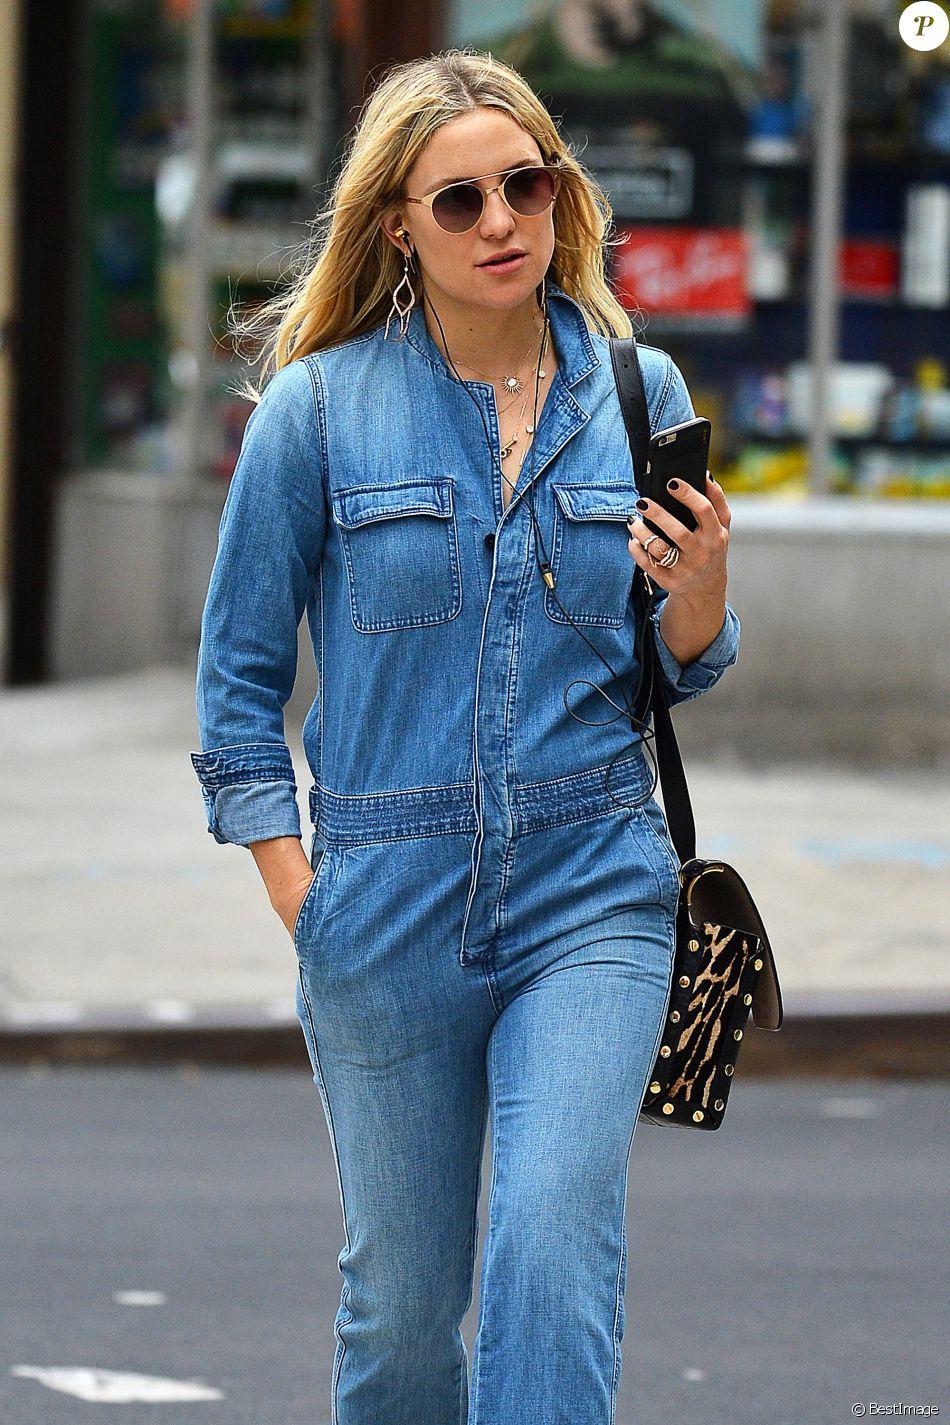 Exclusif - Kate Hudson se balade dans les rues de New York, le 28 septembre 2016